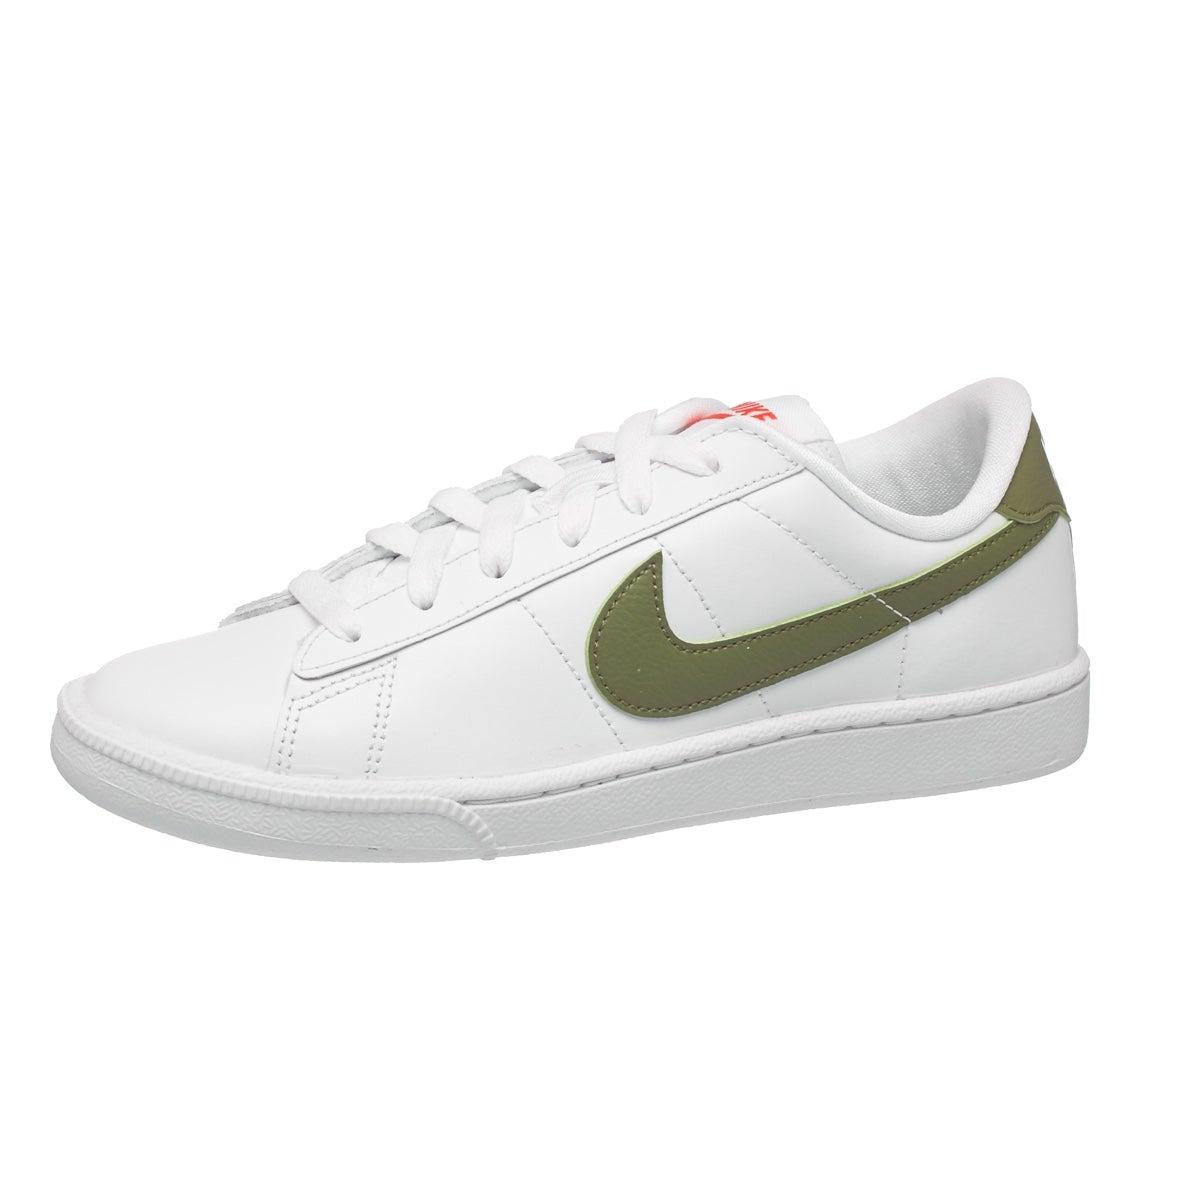 17890458ccb2a2 Nike Court Classic White Green Women s Shoe 360° View